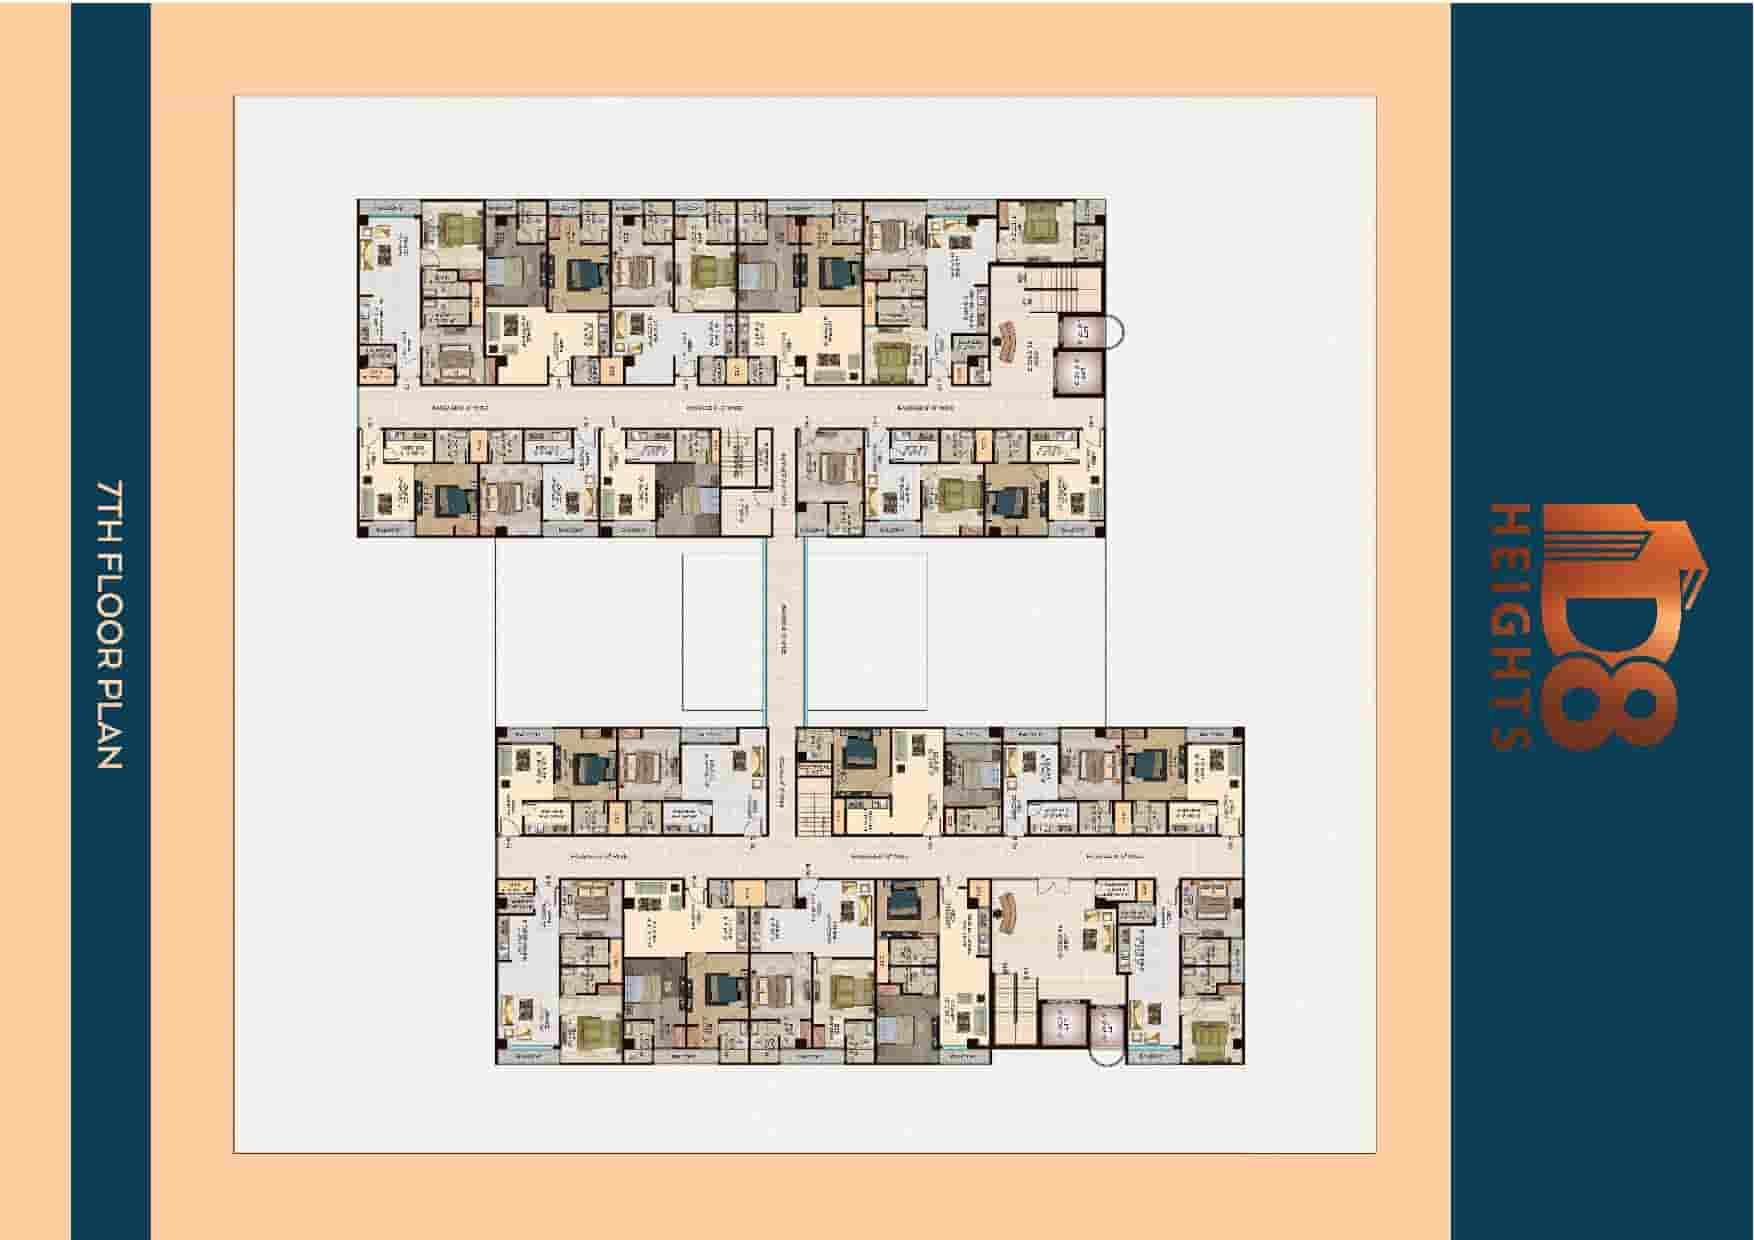 D8 Heights 7th Floor Plan